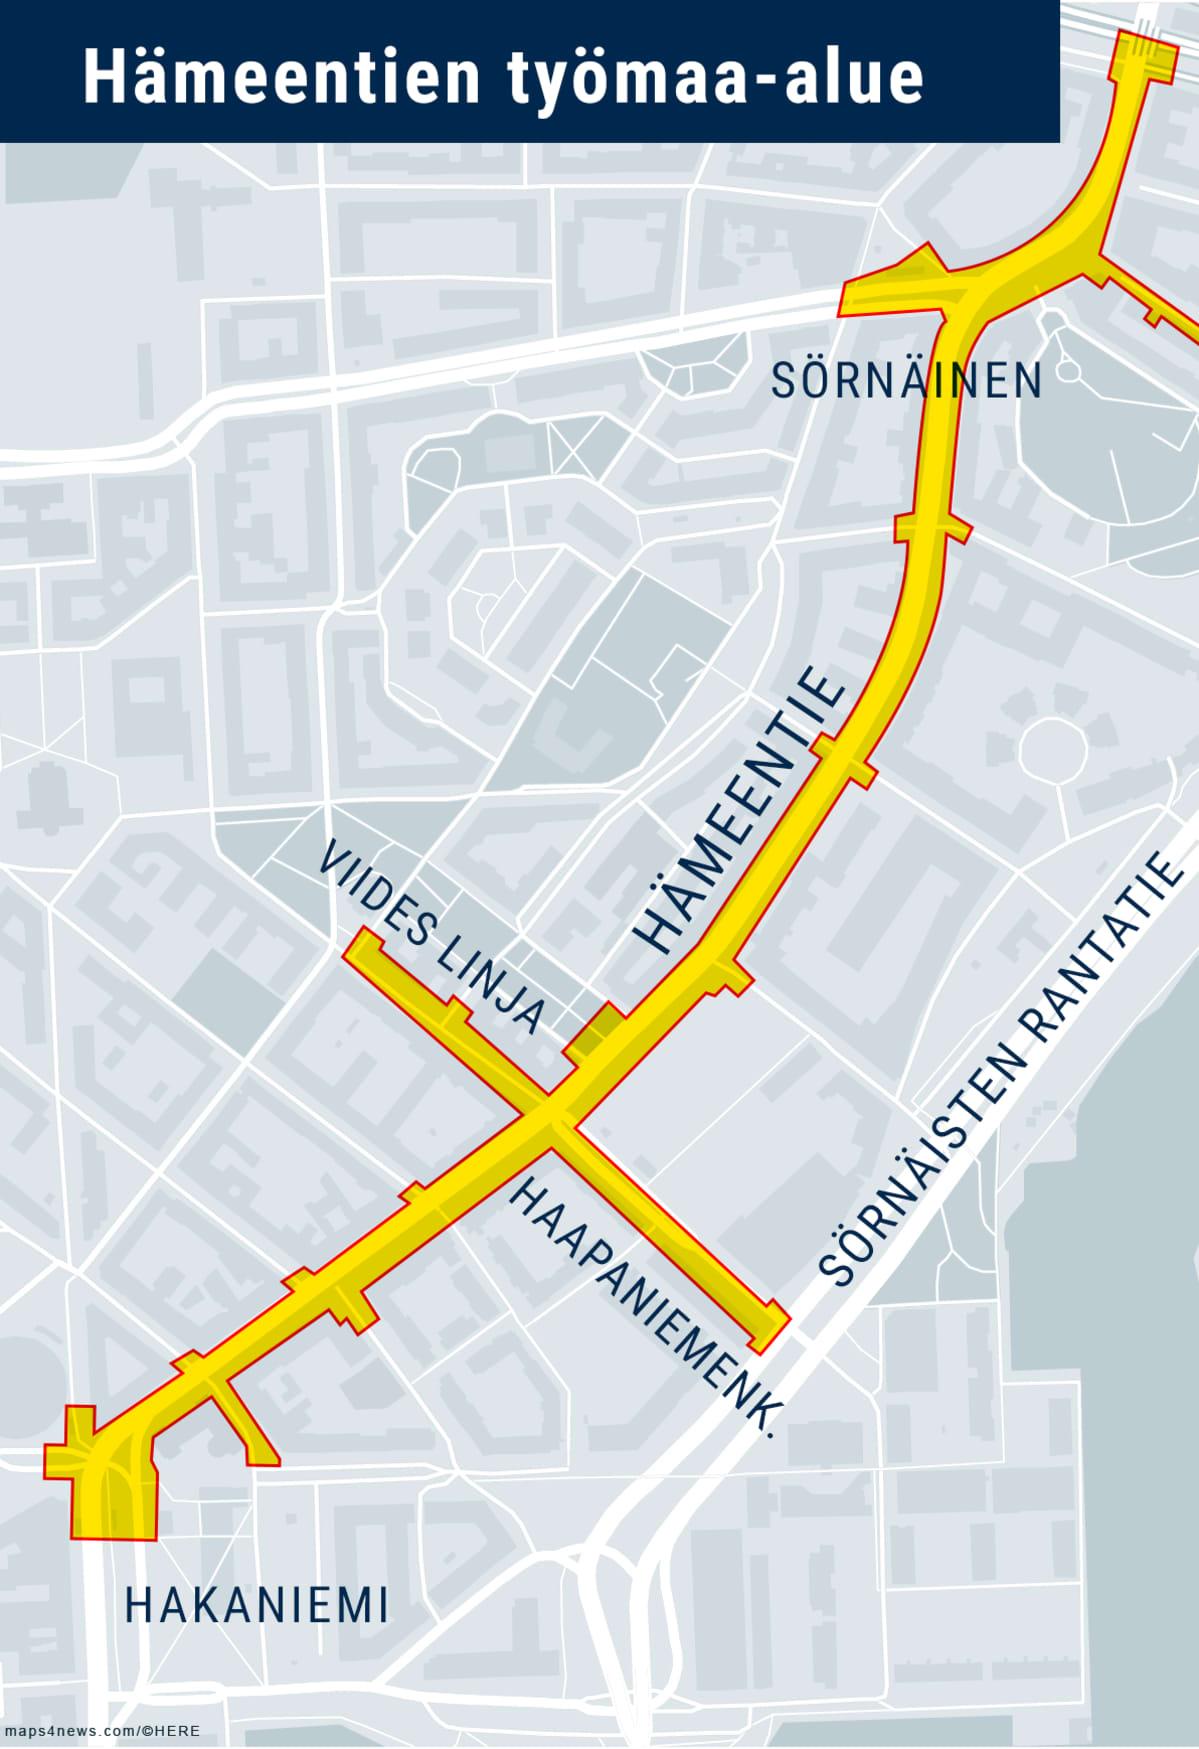 Hämeentien työmaa-alue, Helsinki